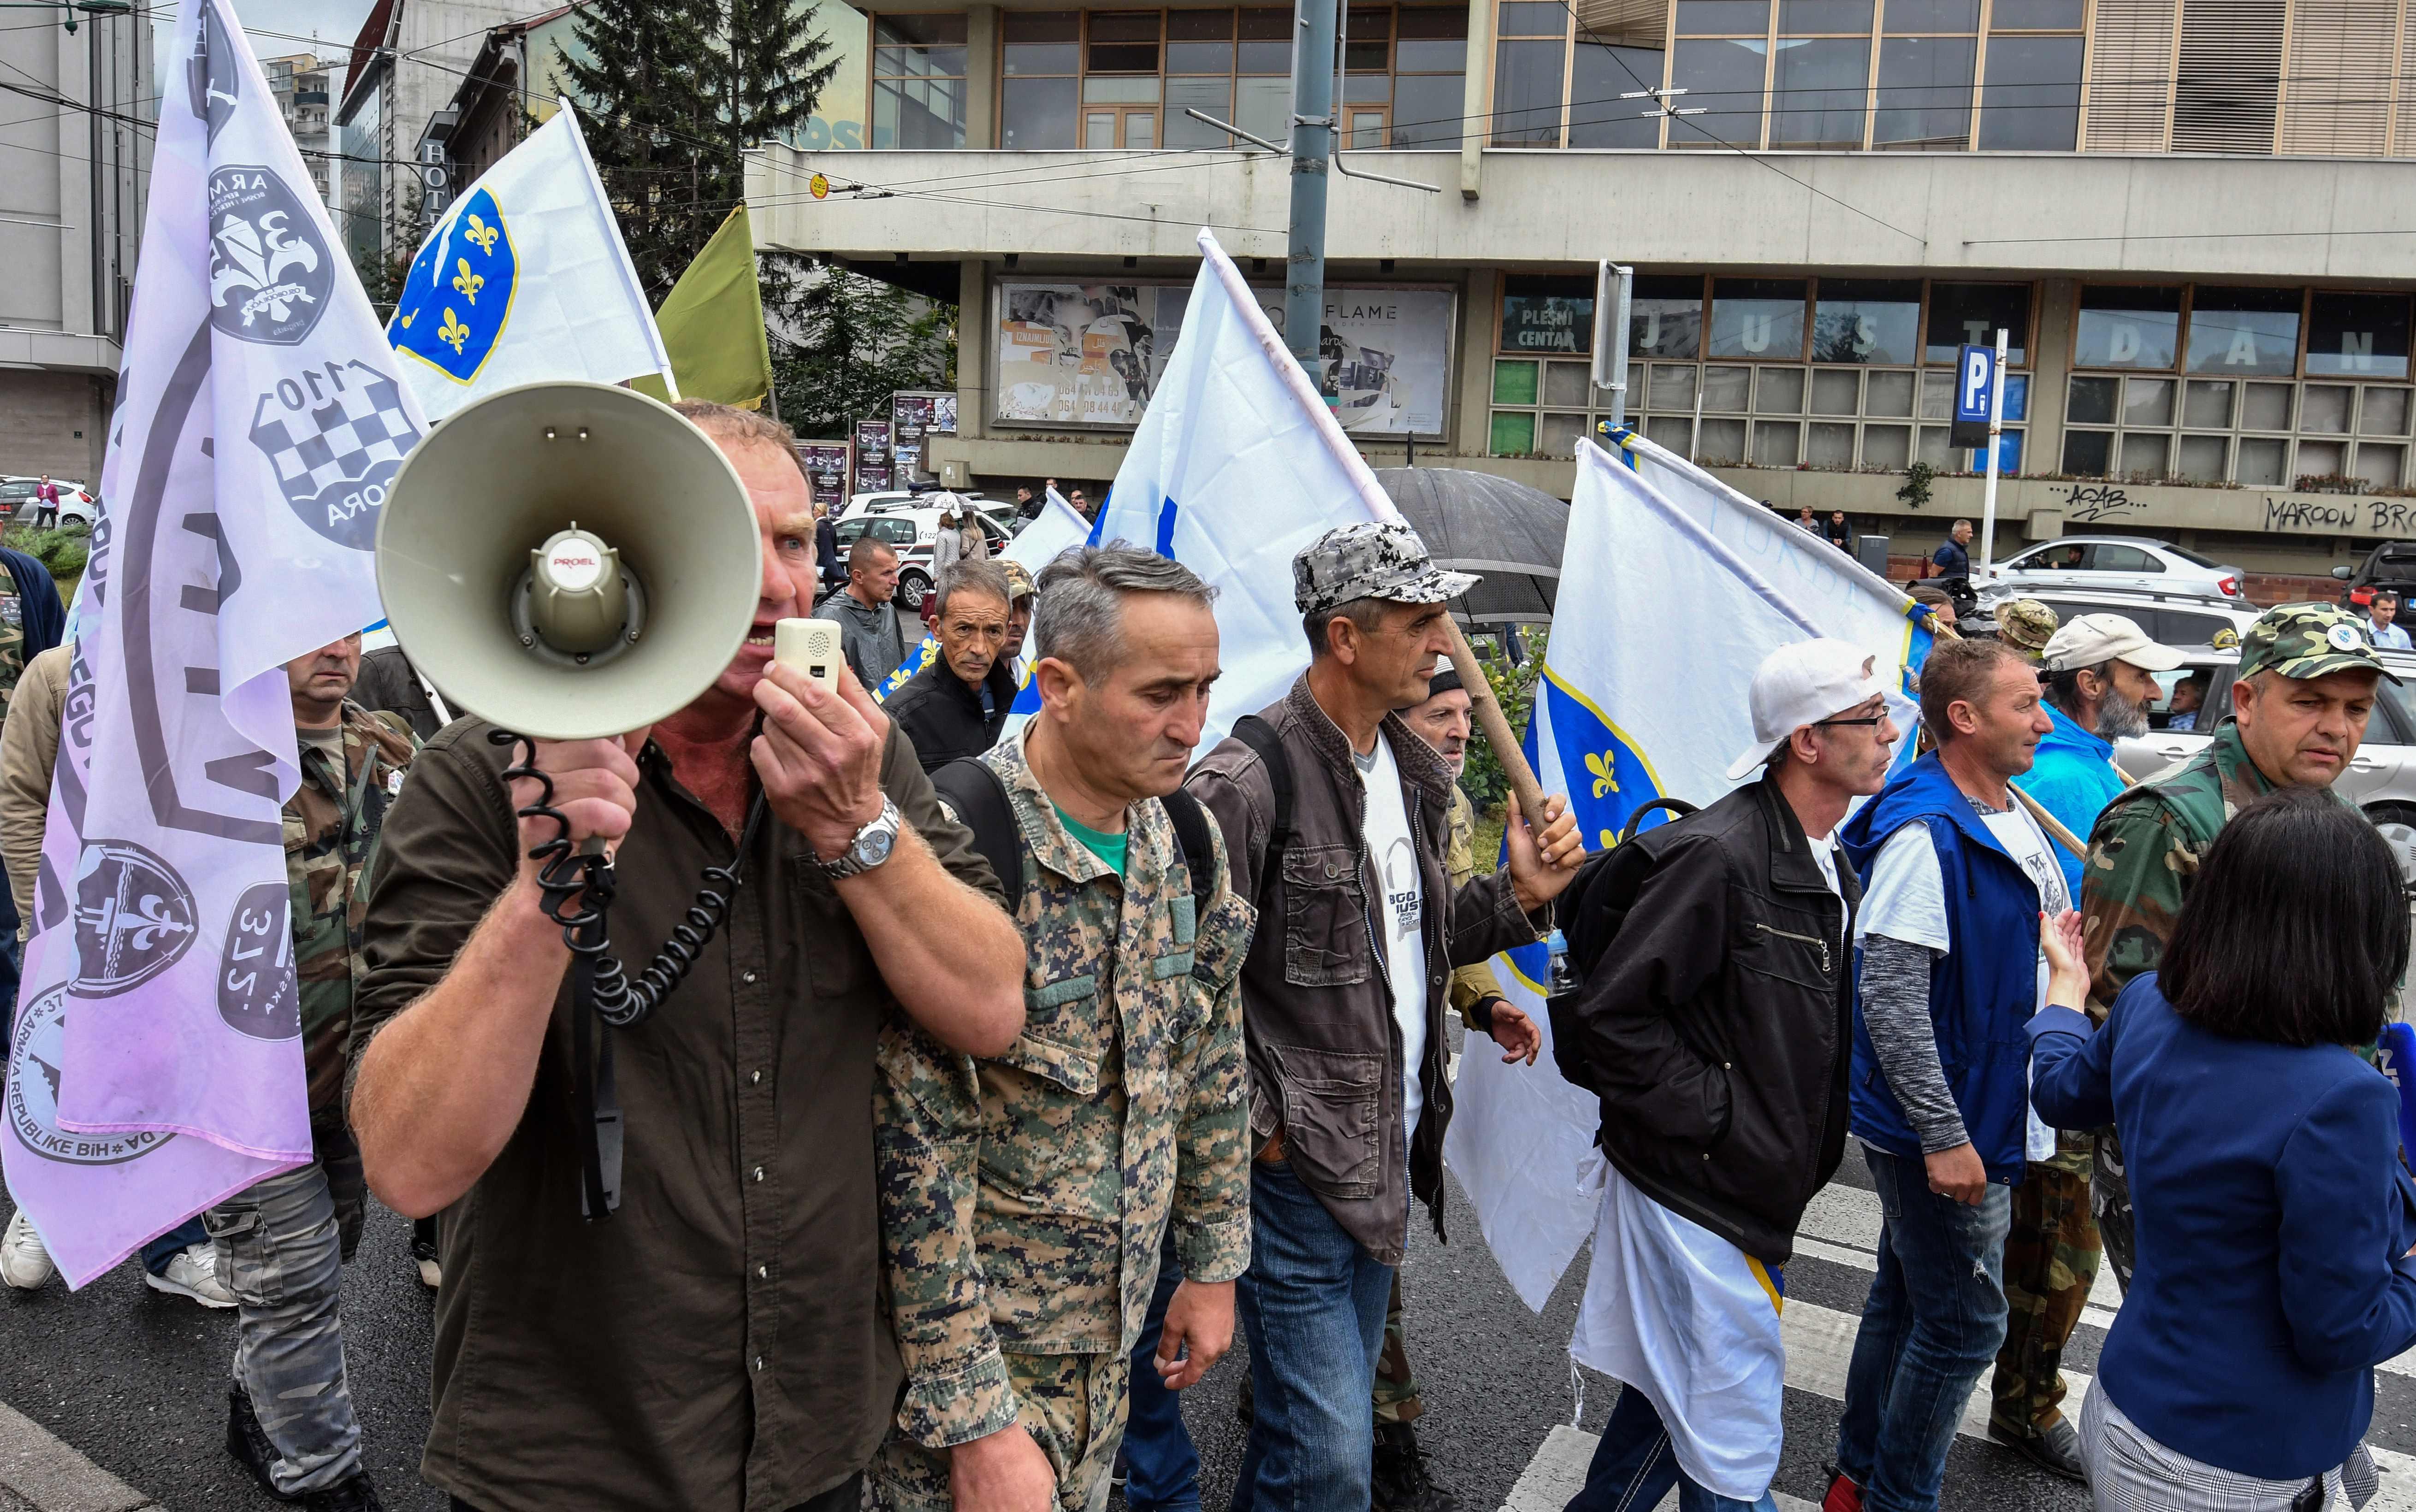 صور.. شرطة البوسنة تشتبك مع مئات من المحاربين القدماء بالعاصمة سراييفو  1385037-البوسنة-(3)